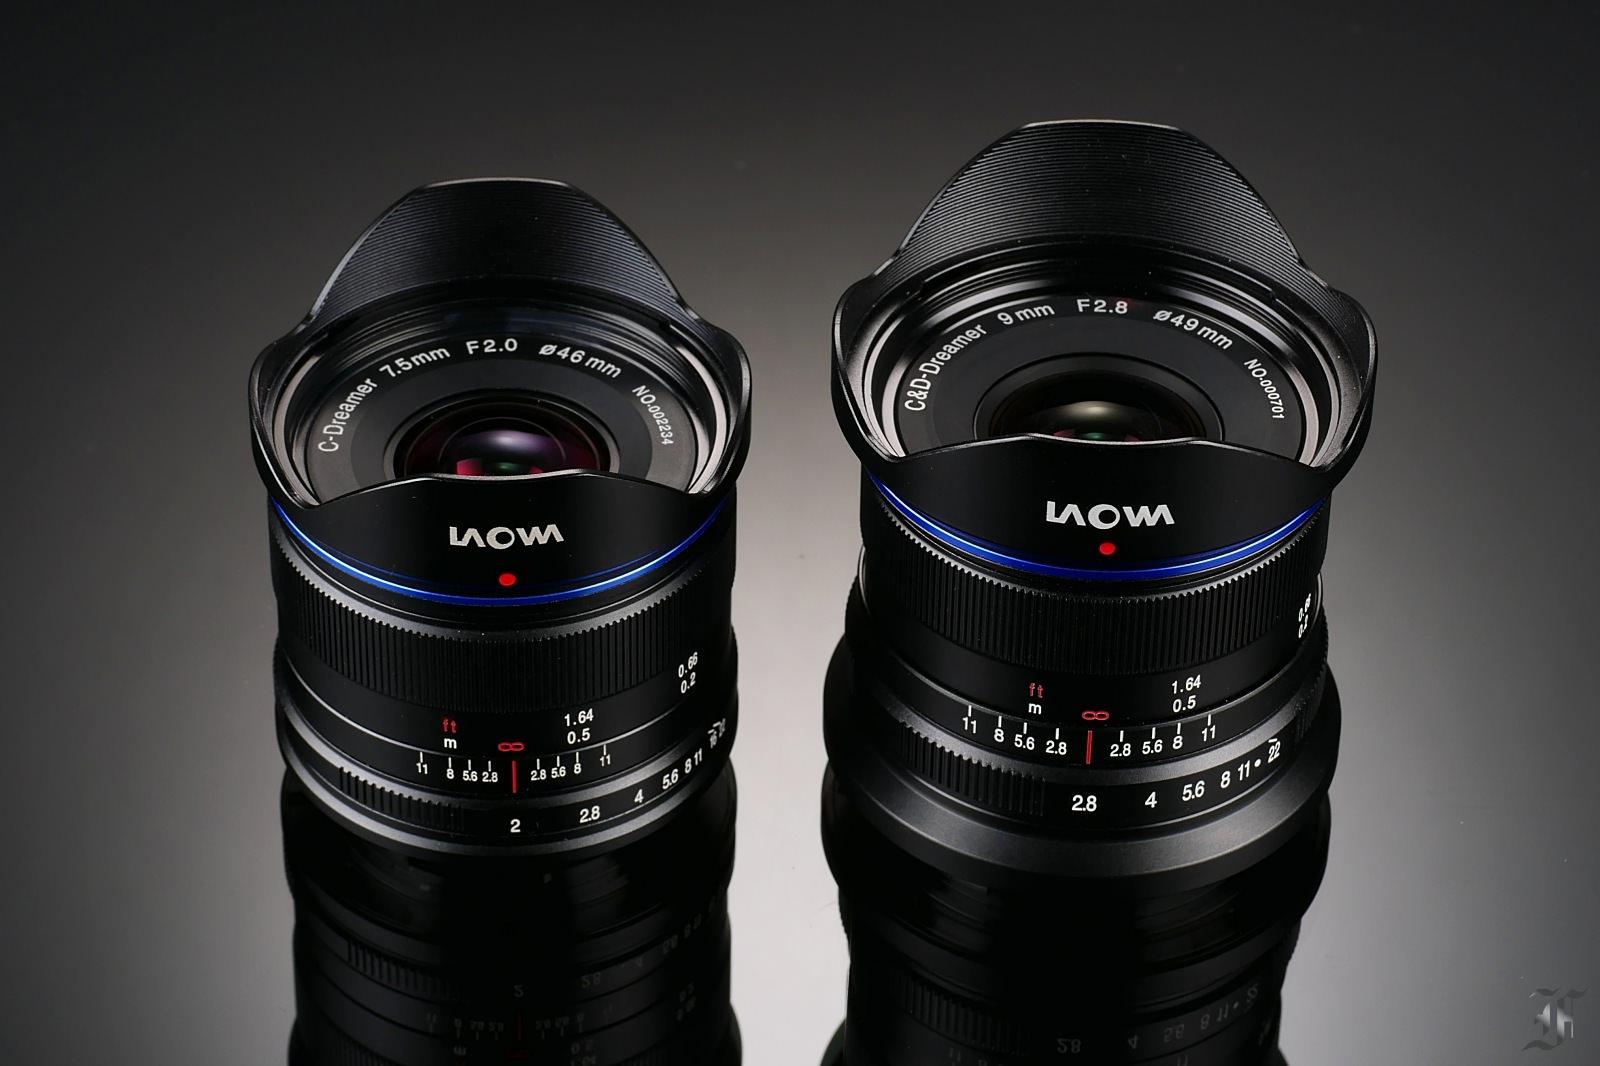 口袋中的超廣角 老蛙 Laowa 9mm F2.8(Sony E-Mount)開箱/實拍/測試 - 巷子裡的生活